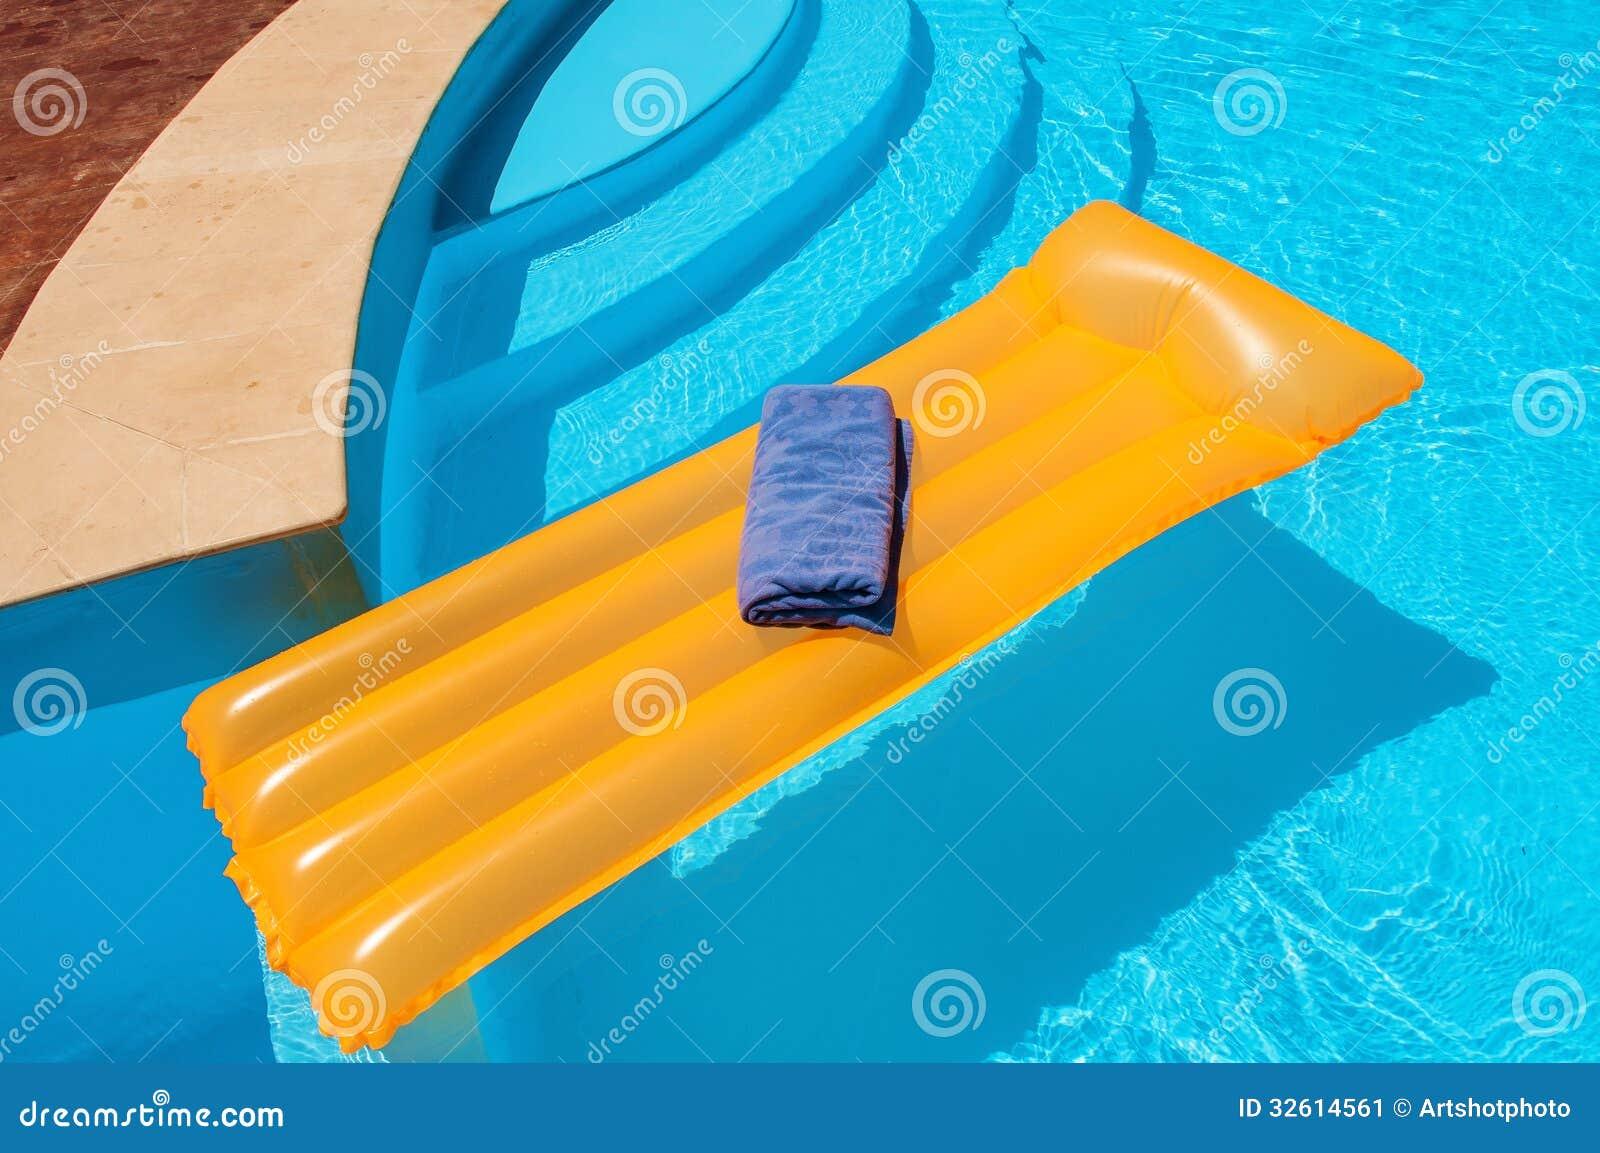 matelas flottant dans la piscine image stock image 32614561. Black Bedroom Furniture Sets. Home Design Ideas